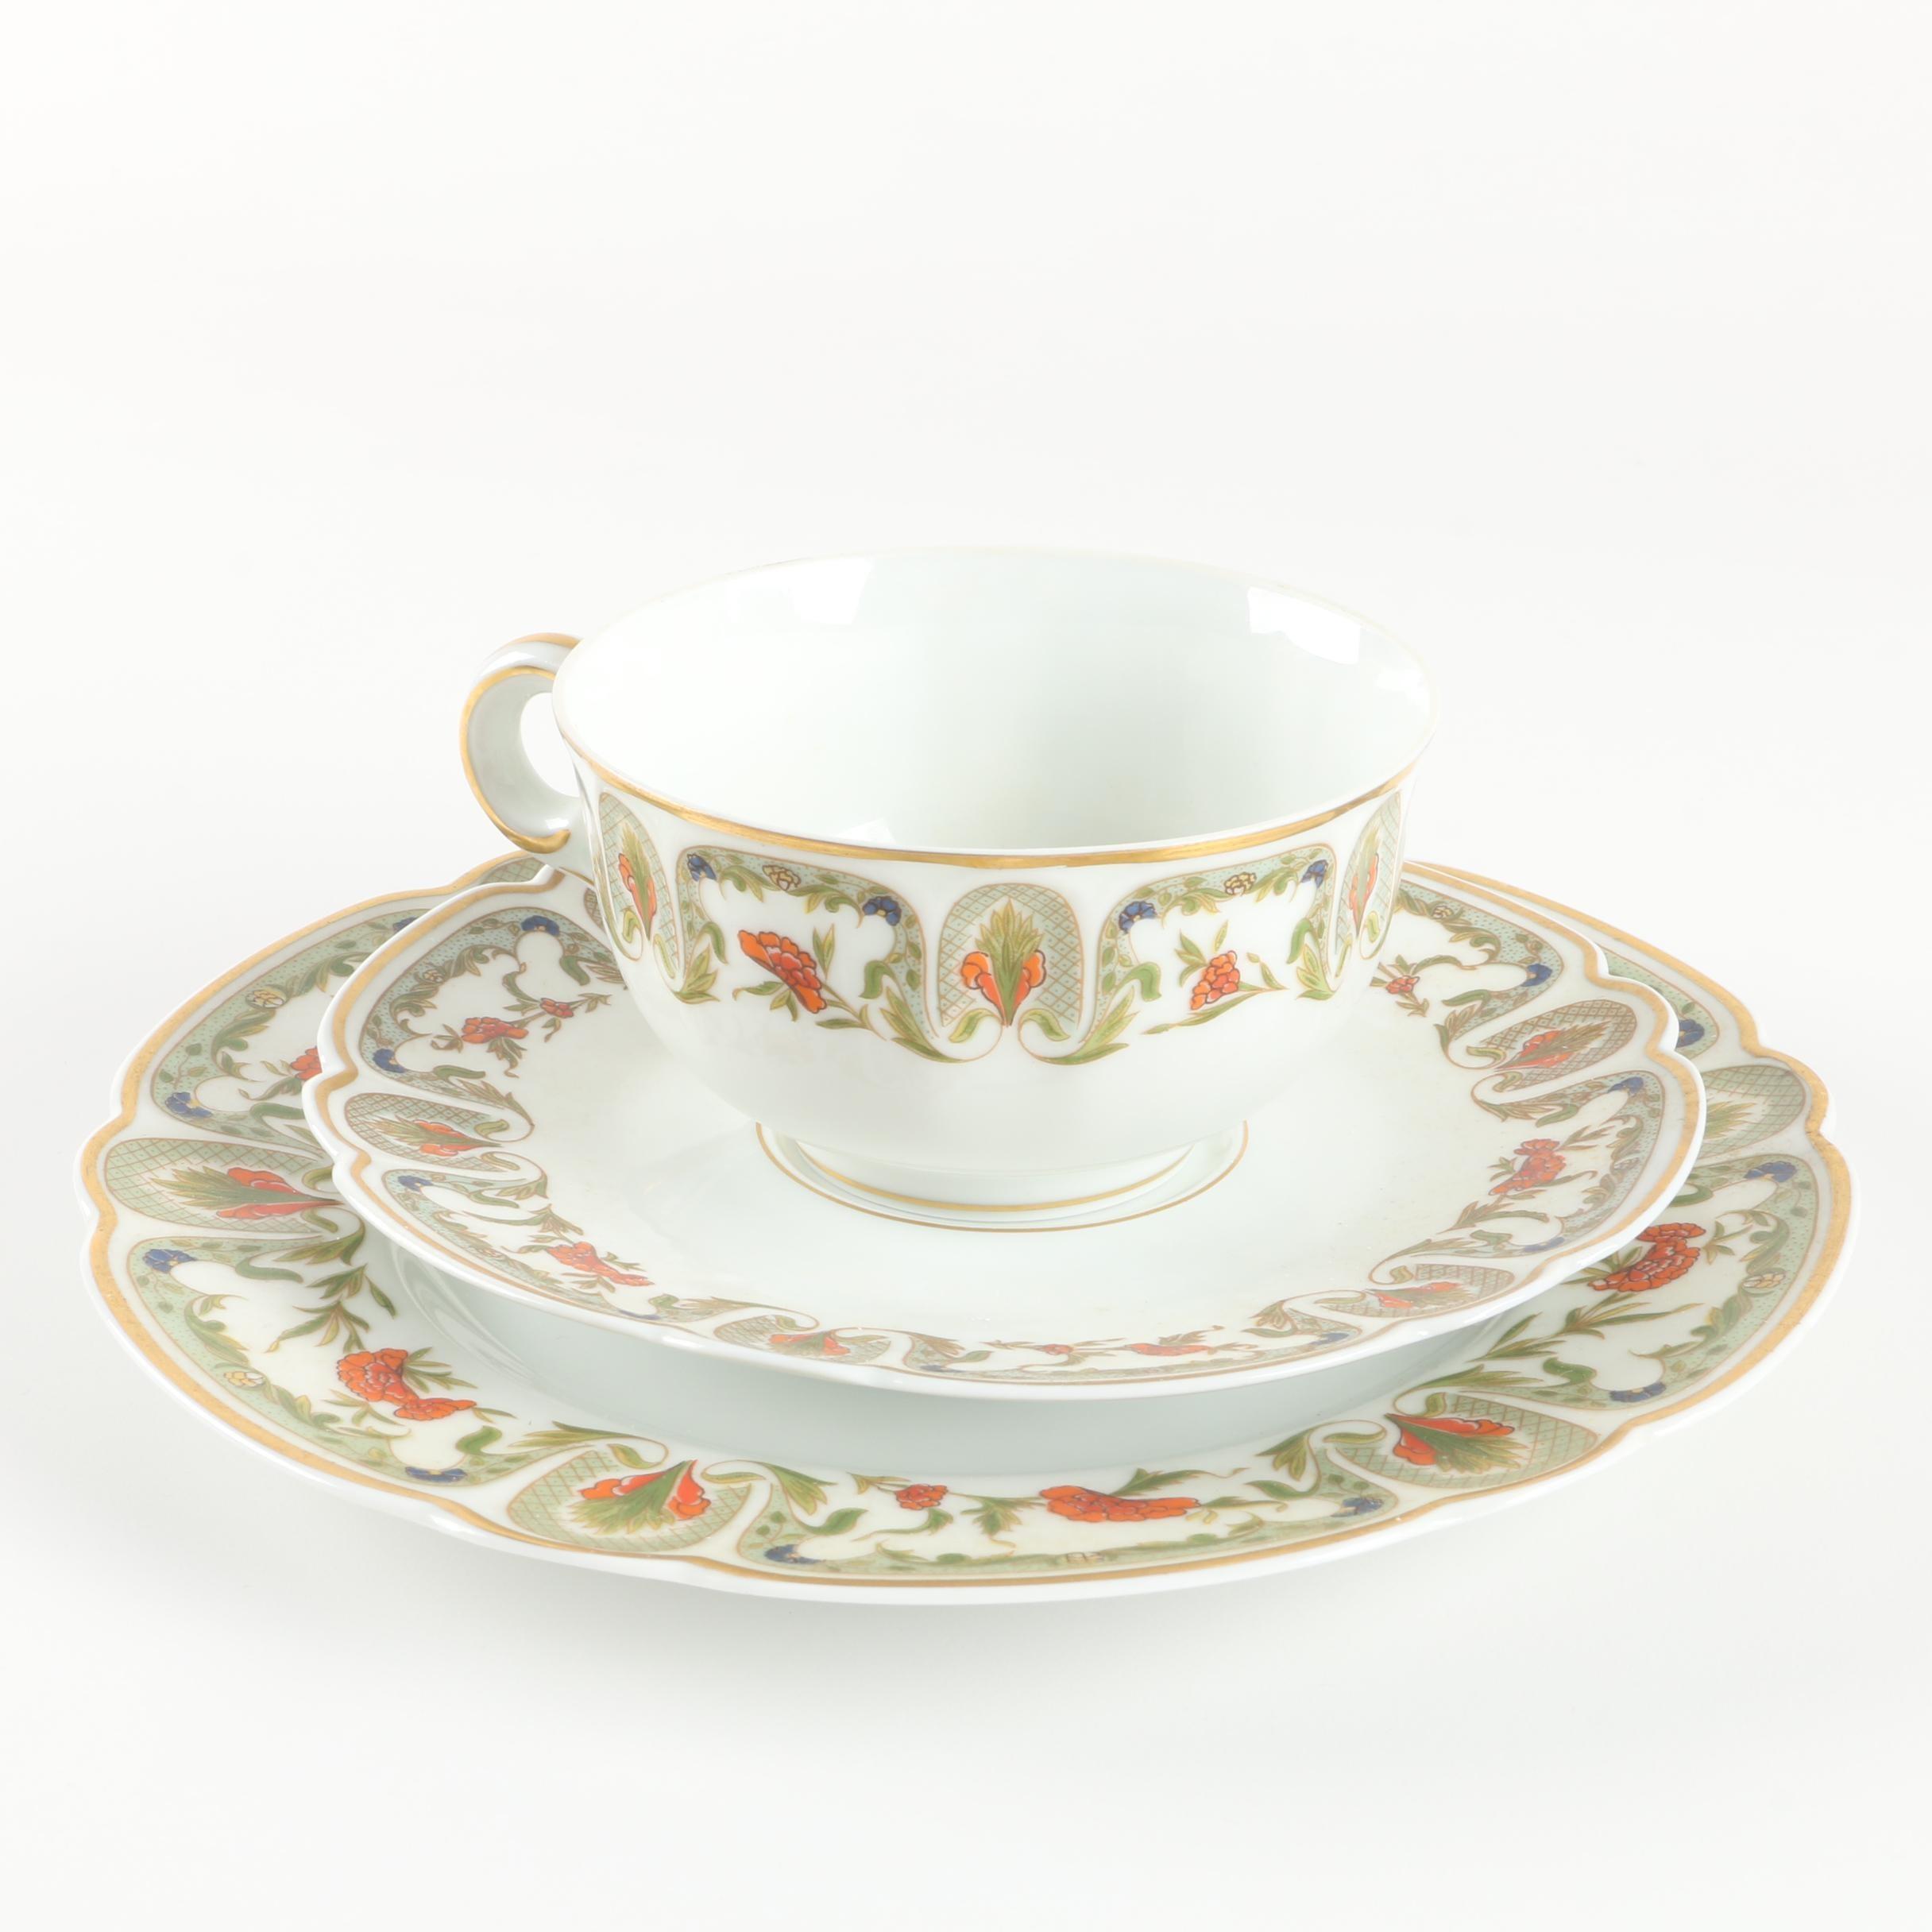 Charles Field Haviland Limoges Porcelain Teacup, Saucer and Plate